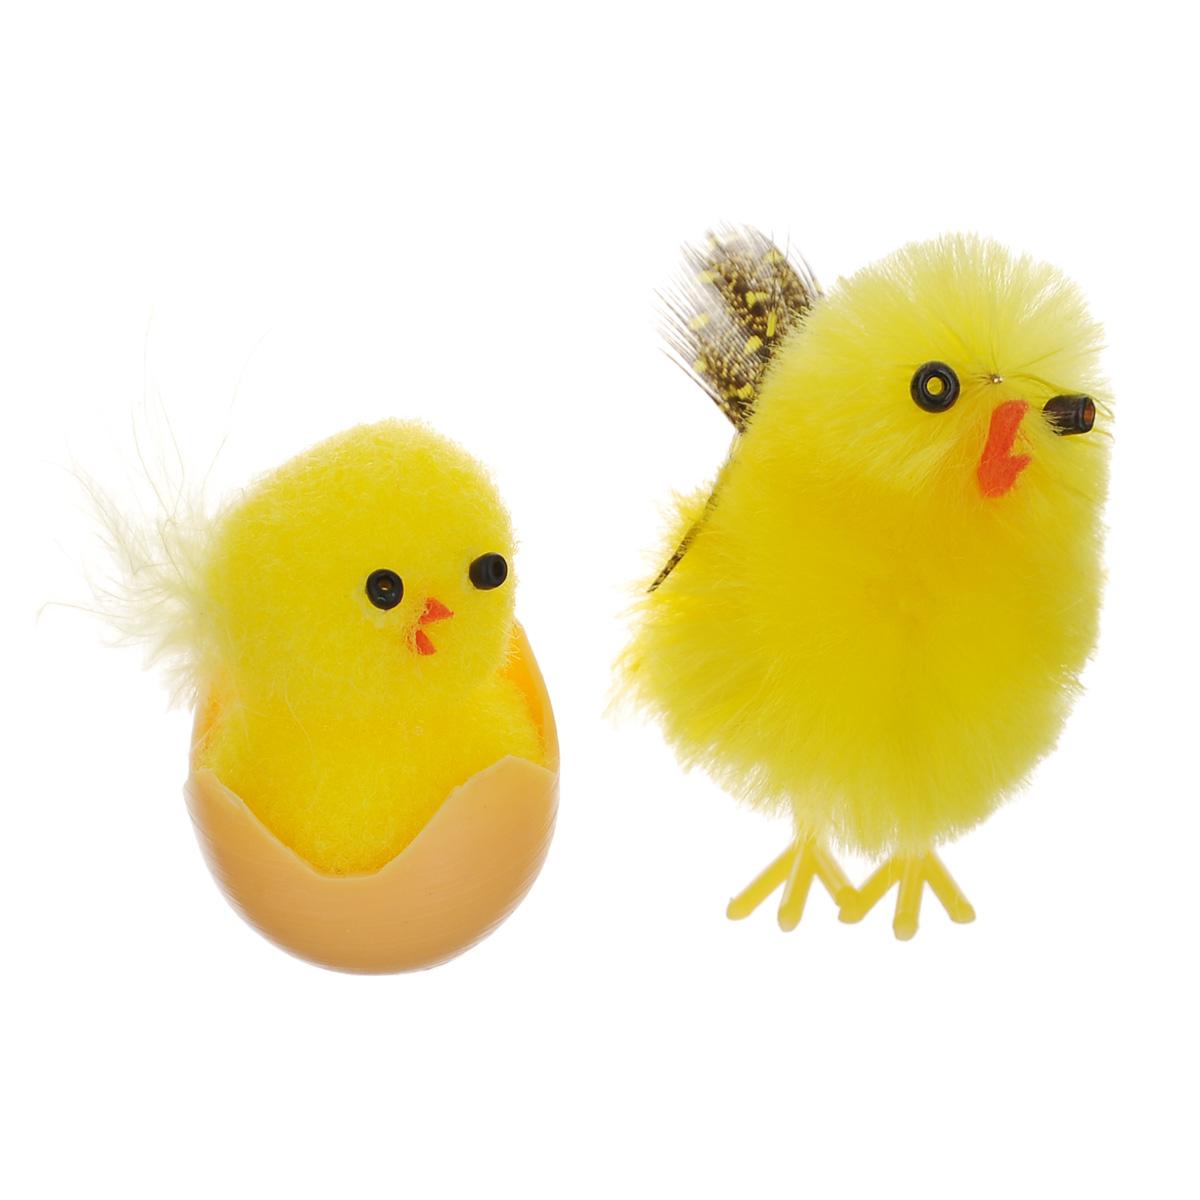 Набор декоративных украшений Home Queen Курочка и цыпленок, 2 шт68266Набор Home Queen Курочка и цыпленок состоит из двух декоративных украшений, выполненных в виде милых птичек. Украшение изготовлено из полиэстера и пластика. Такой набор украшений прекрасно оформит интерьер дома или станет замечательным подарком для друзей и близких на Пасху. Размер курочки: 2,5 см х 3,5 см х 4 см. Размер цыпленка: 2 см х 2 см х 3,5 см.